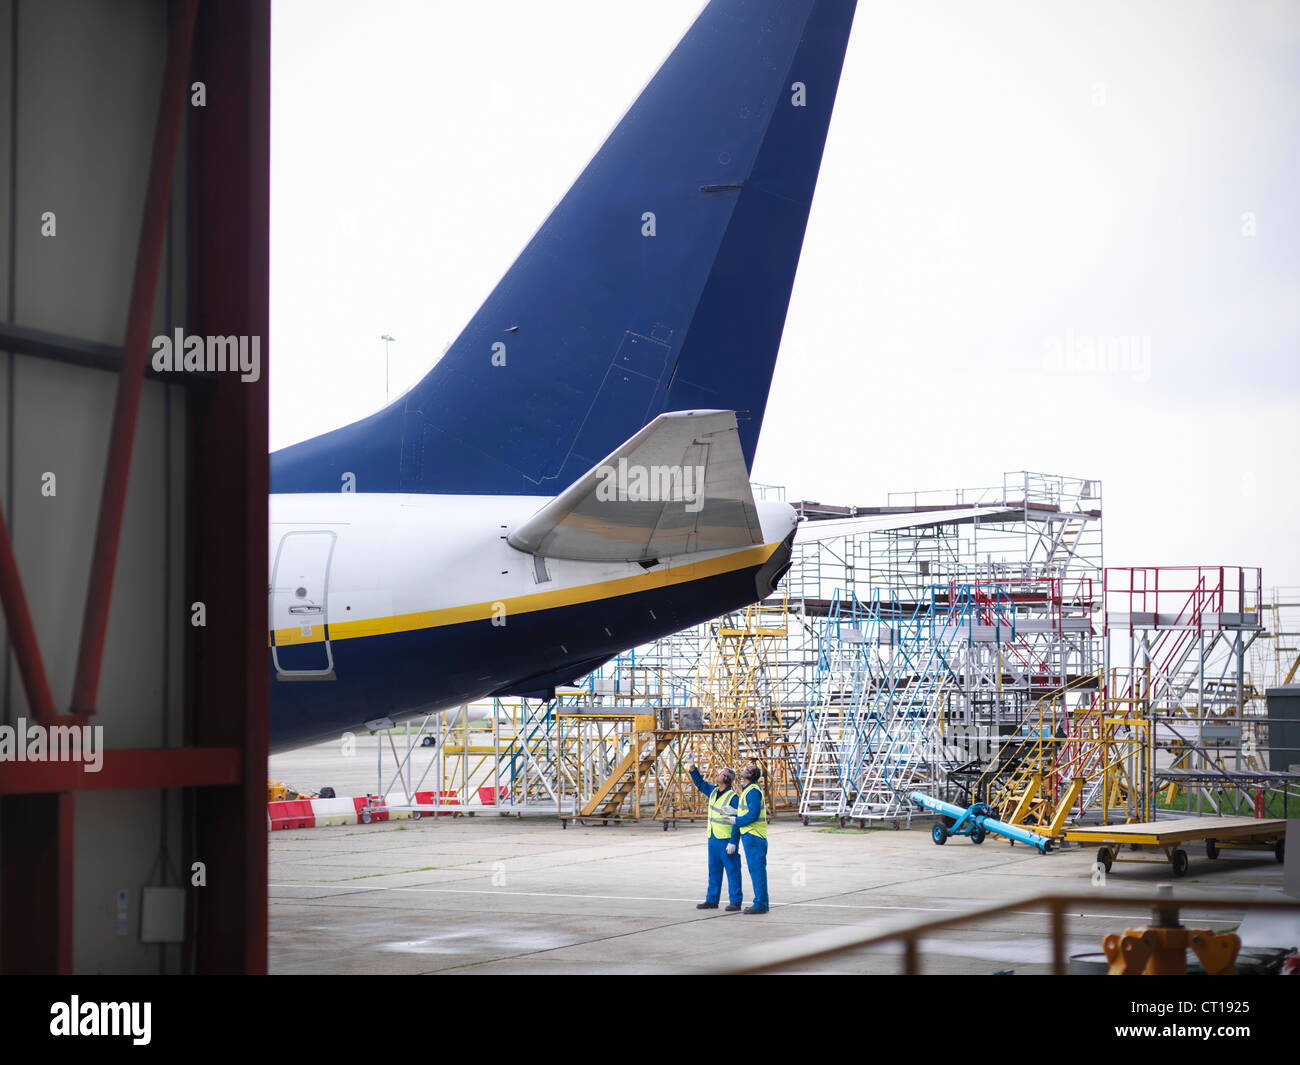 Lavoratori esaminando il lato inferiore del velivolo Immagini Stock